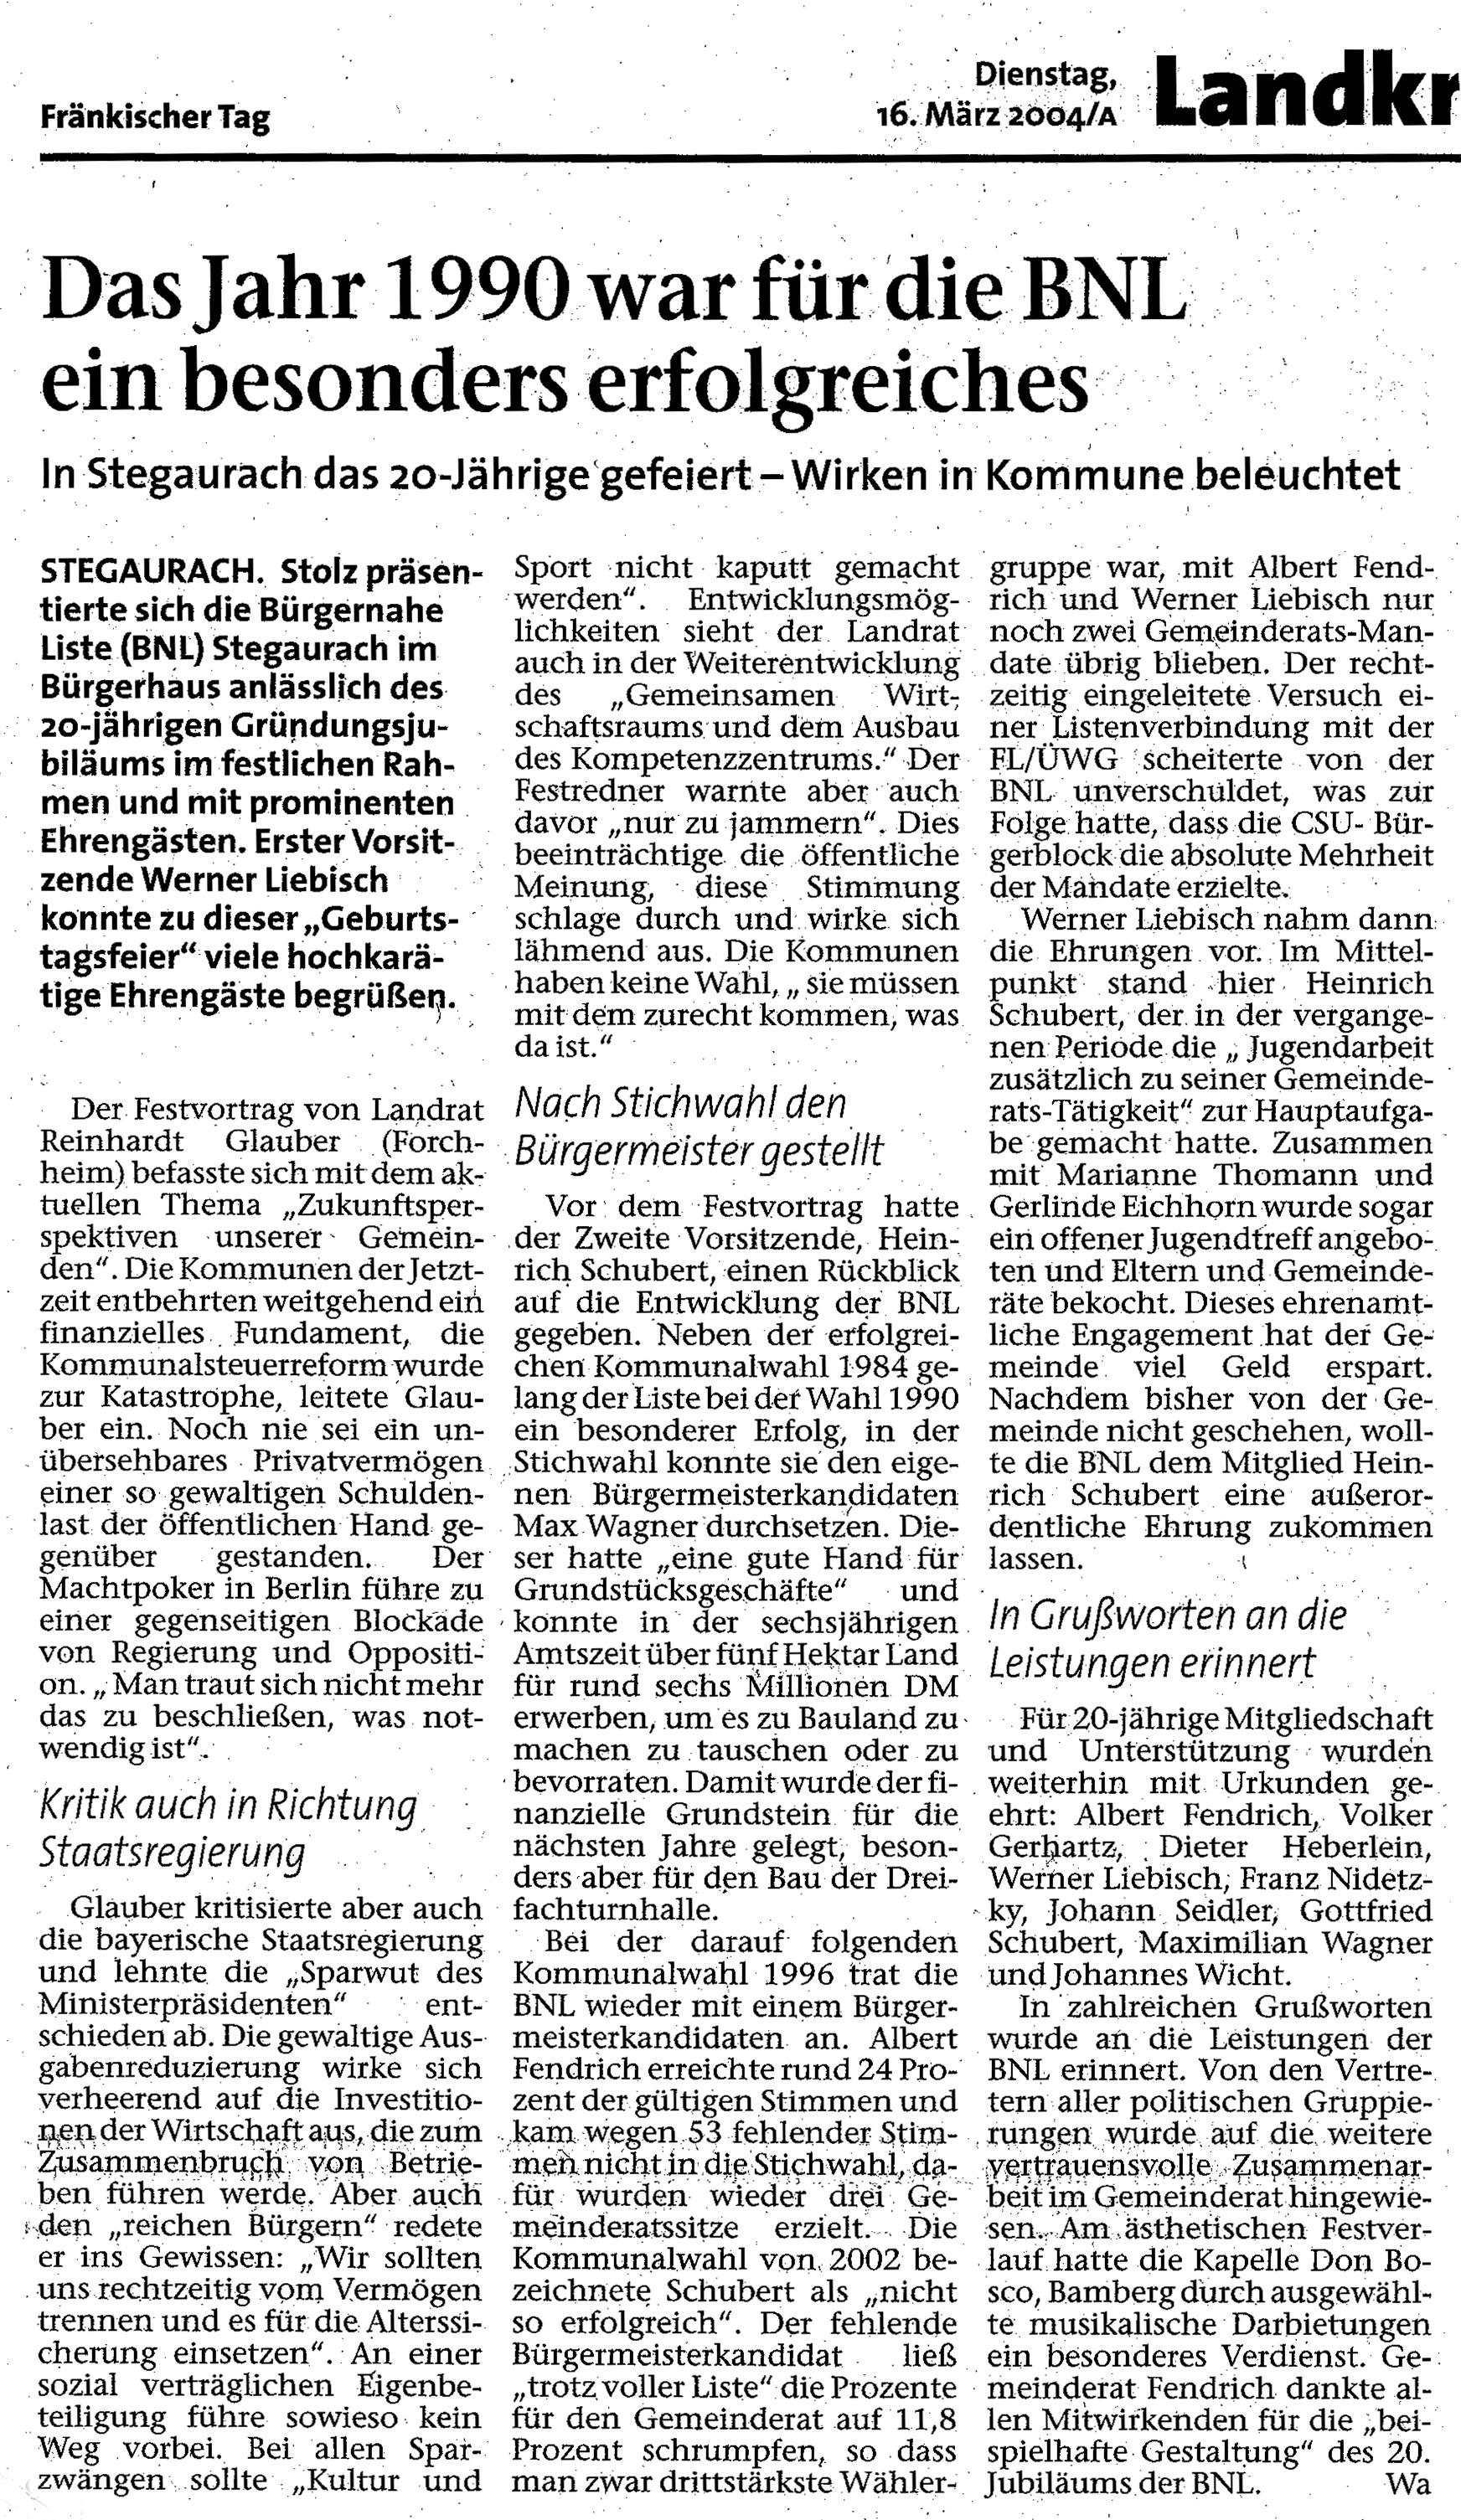 Zeitungsbericht 2004_FT